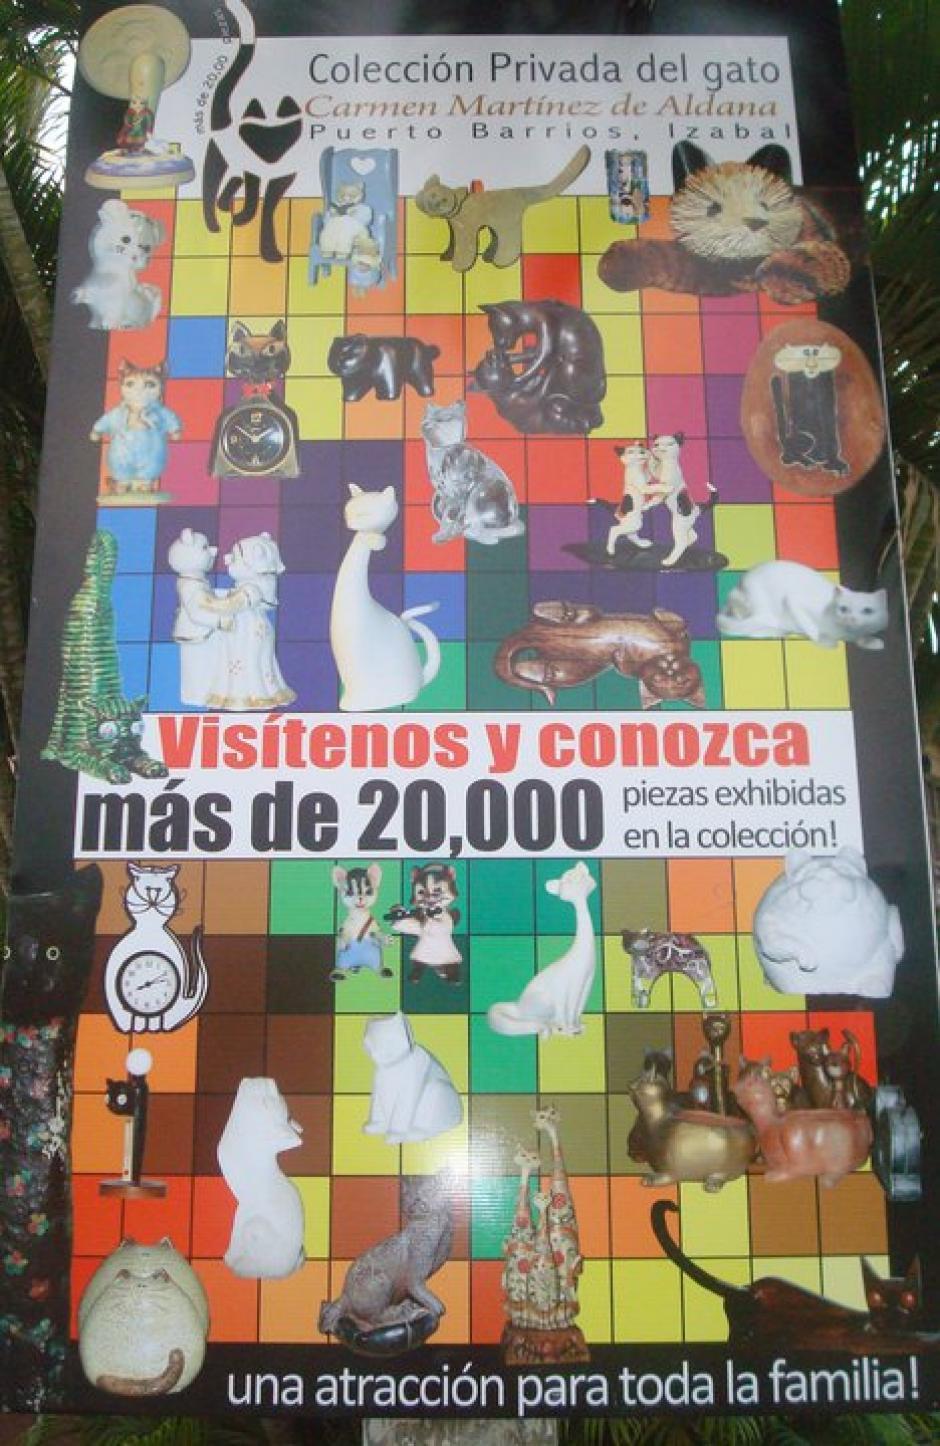 Su colección empezó en 1953 con tres gatos. (Foto: Carmen de Aldana)